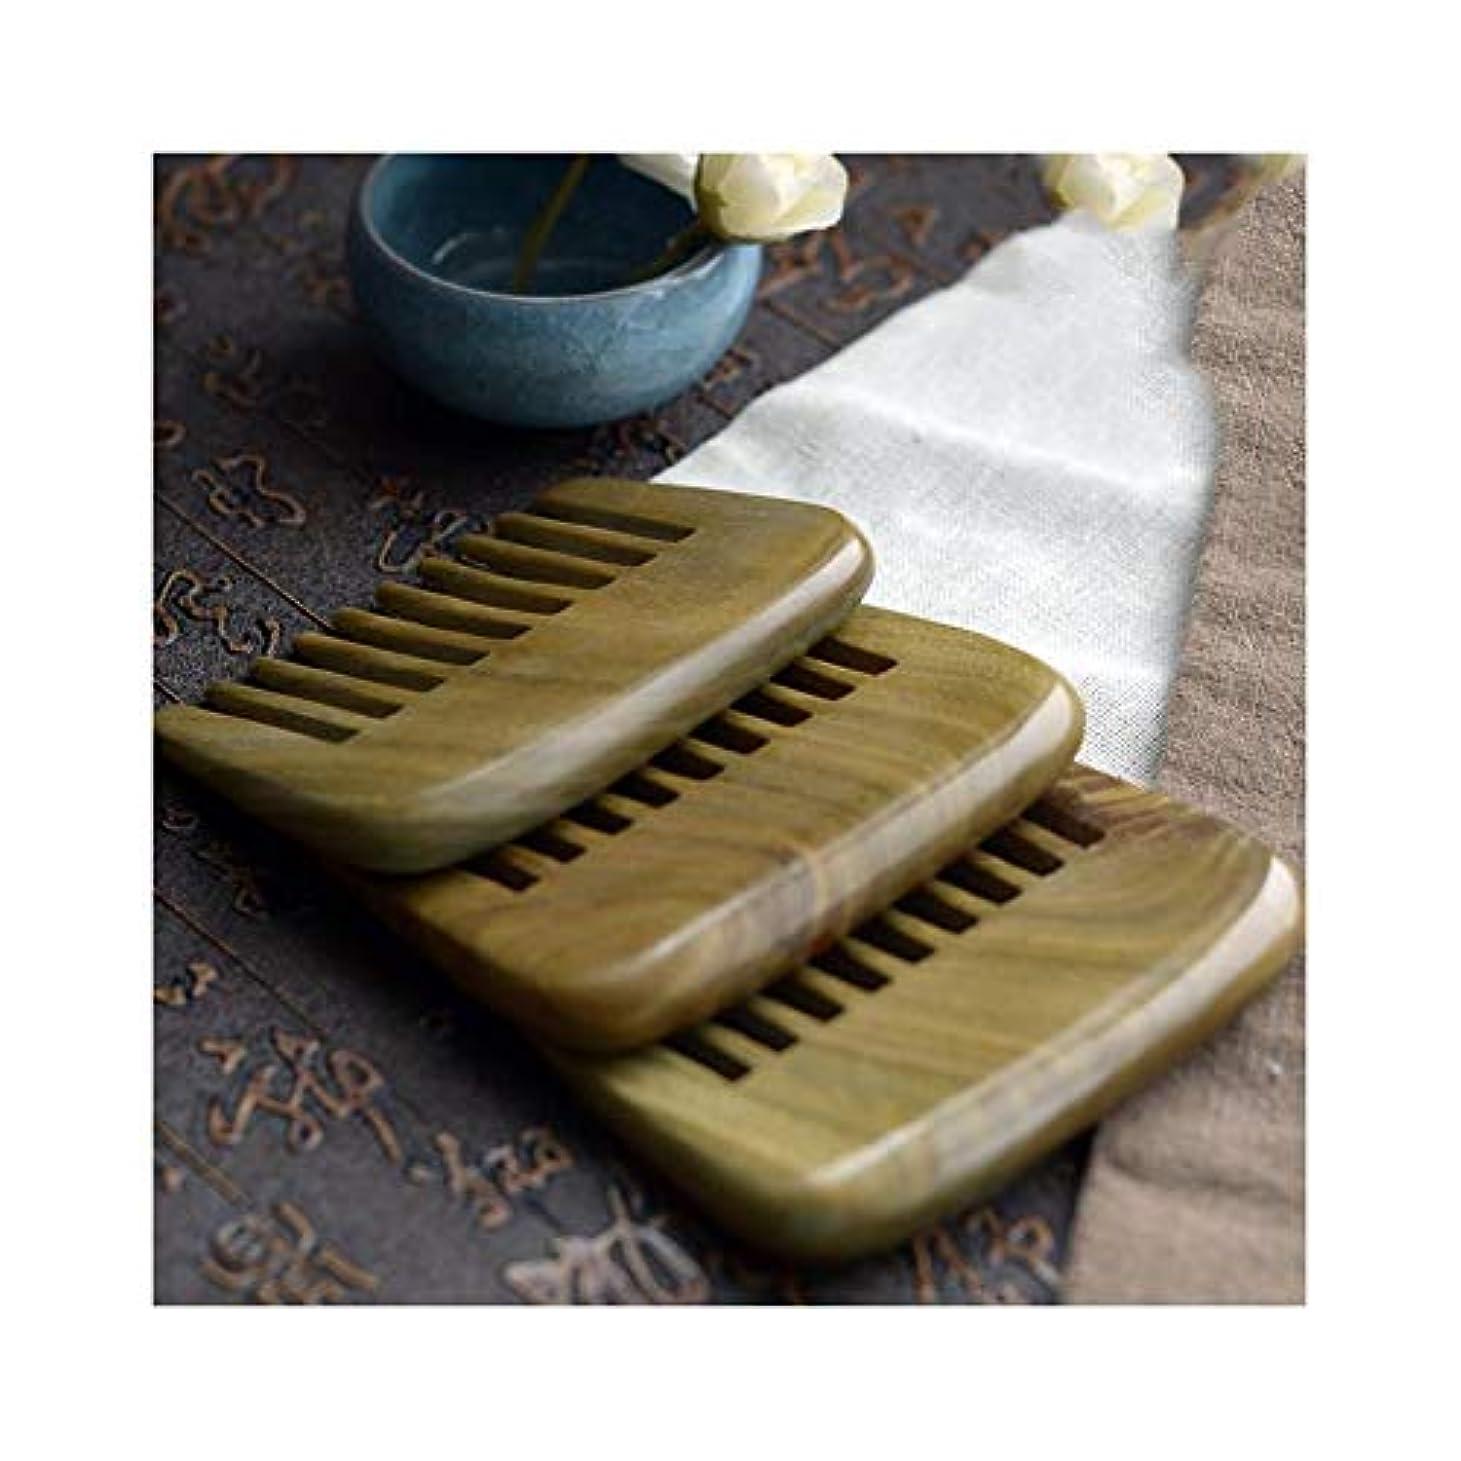 縮約胃ブランデーFashianグリーンサンダルウッドワイド歯ナチュラルくし、手作りの木製くし抗静的ヘアブラシ ヘアケア